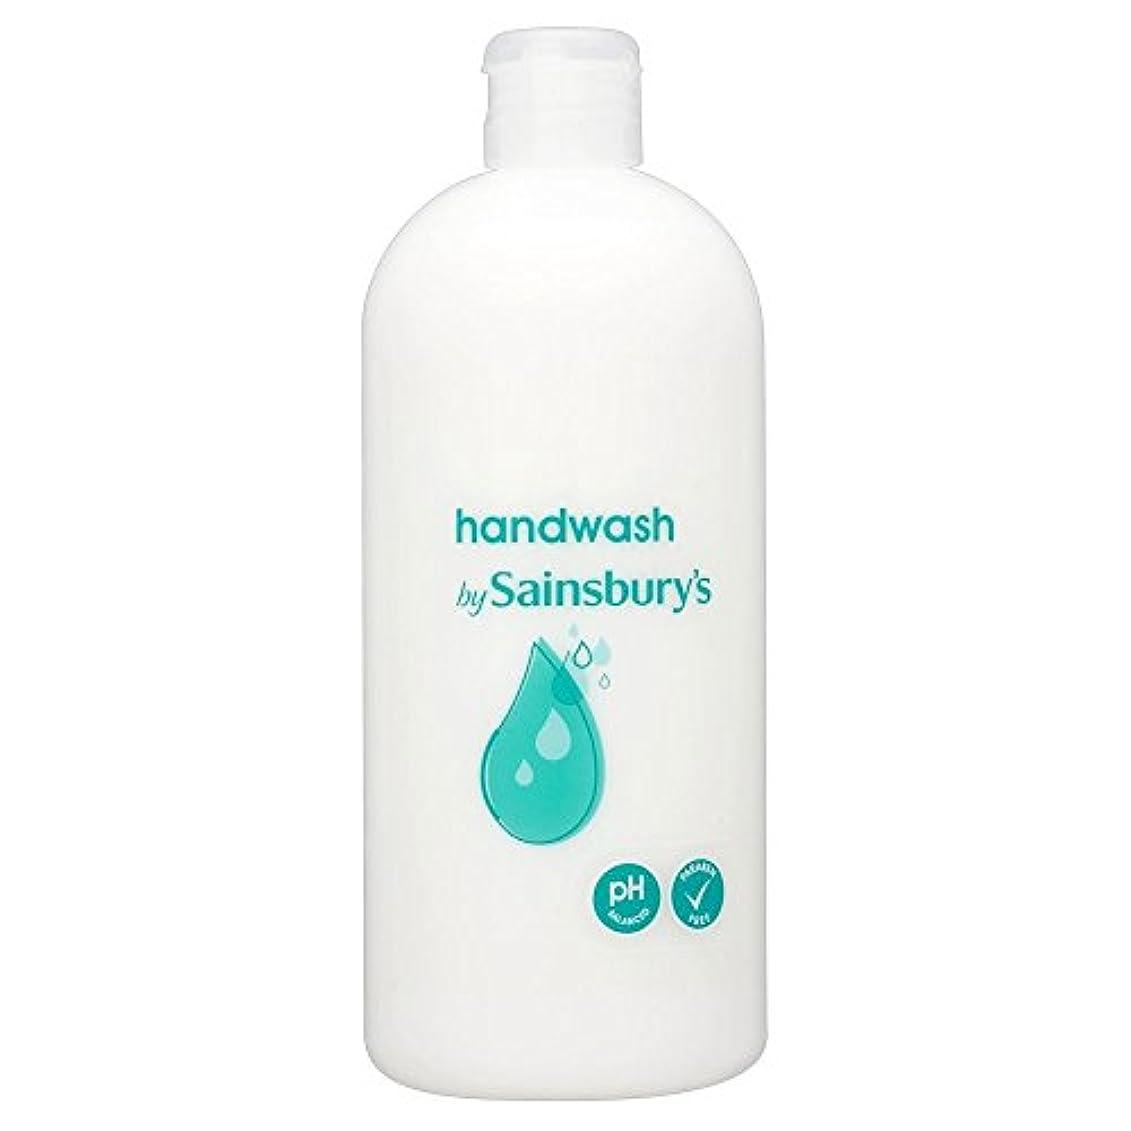 フォークジャンルログSainsbury's Handwash, White Refill 500ml - (Sainsbury's) 手洗い、白リフィル500ミリリットル [並行輸入品]